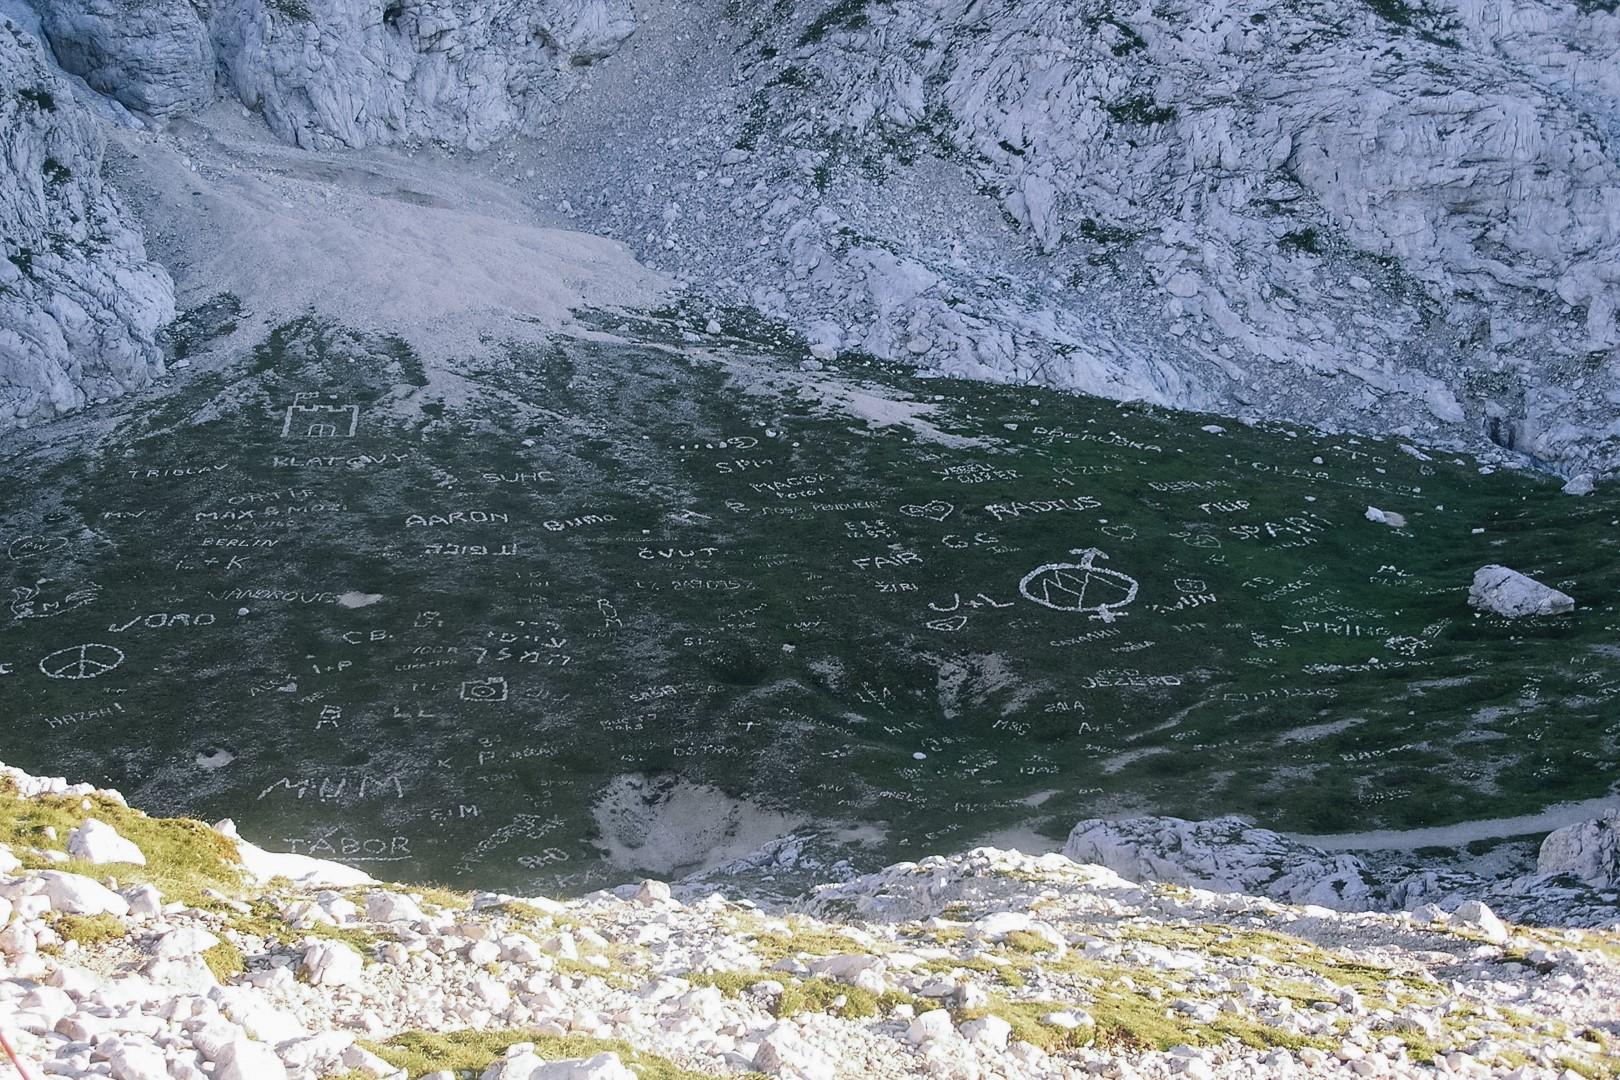 Kamienne napisy ułożone na szlaku na Triglav.